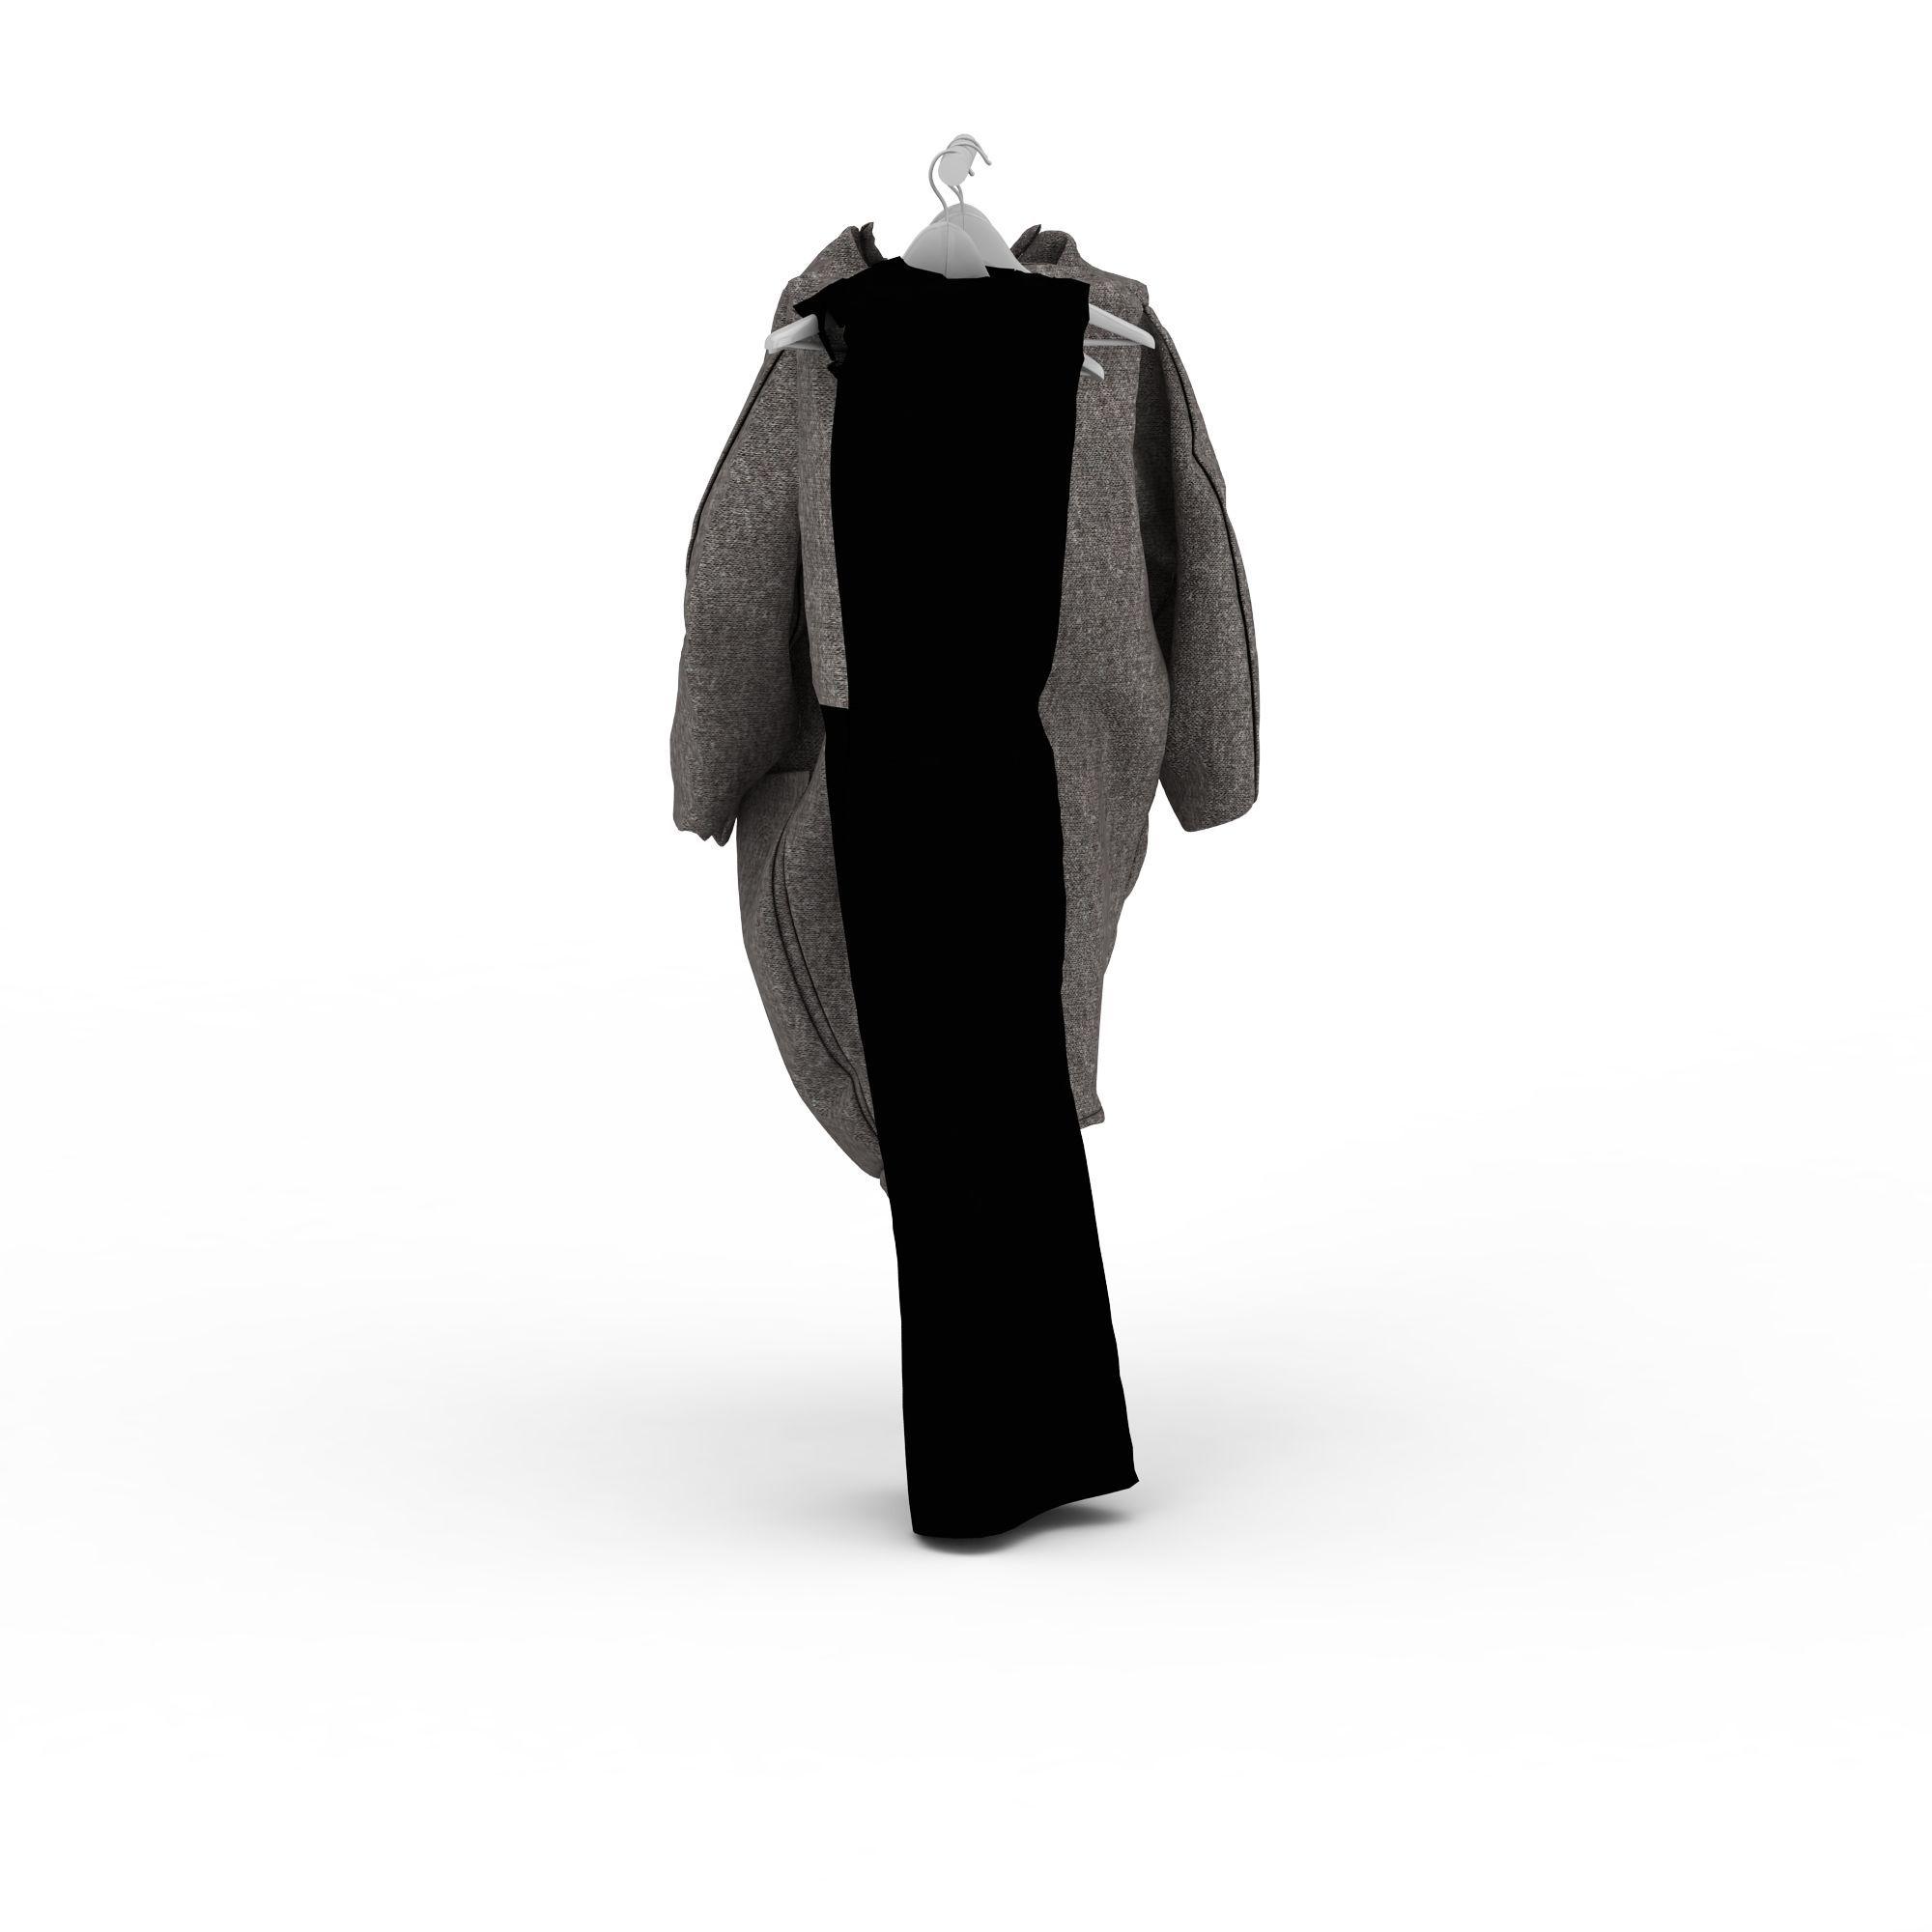 女士衣服3d模型 女士衣服png高清图  女士衣服高清图详情 设计师 3d